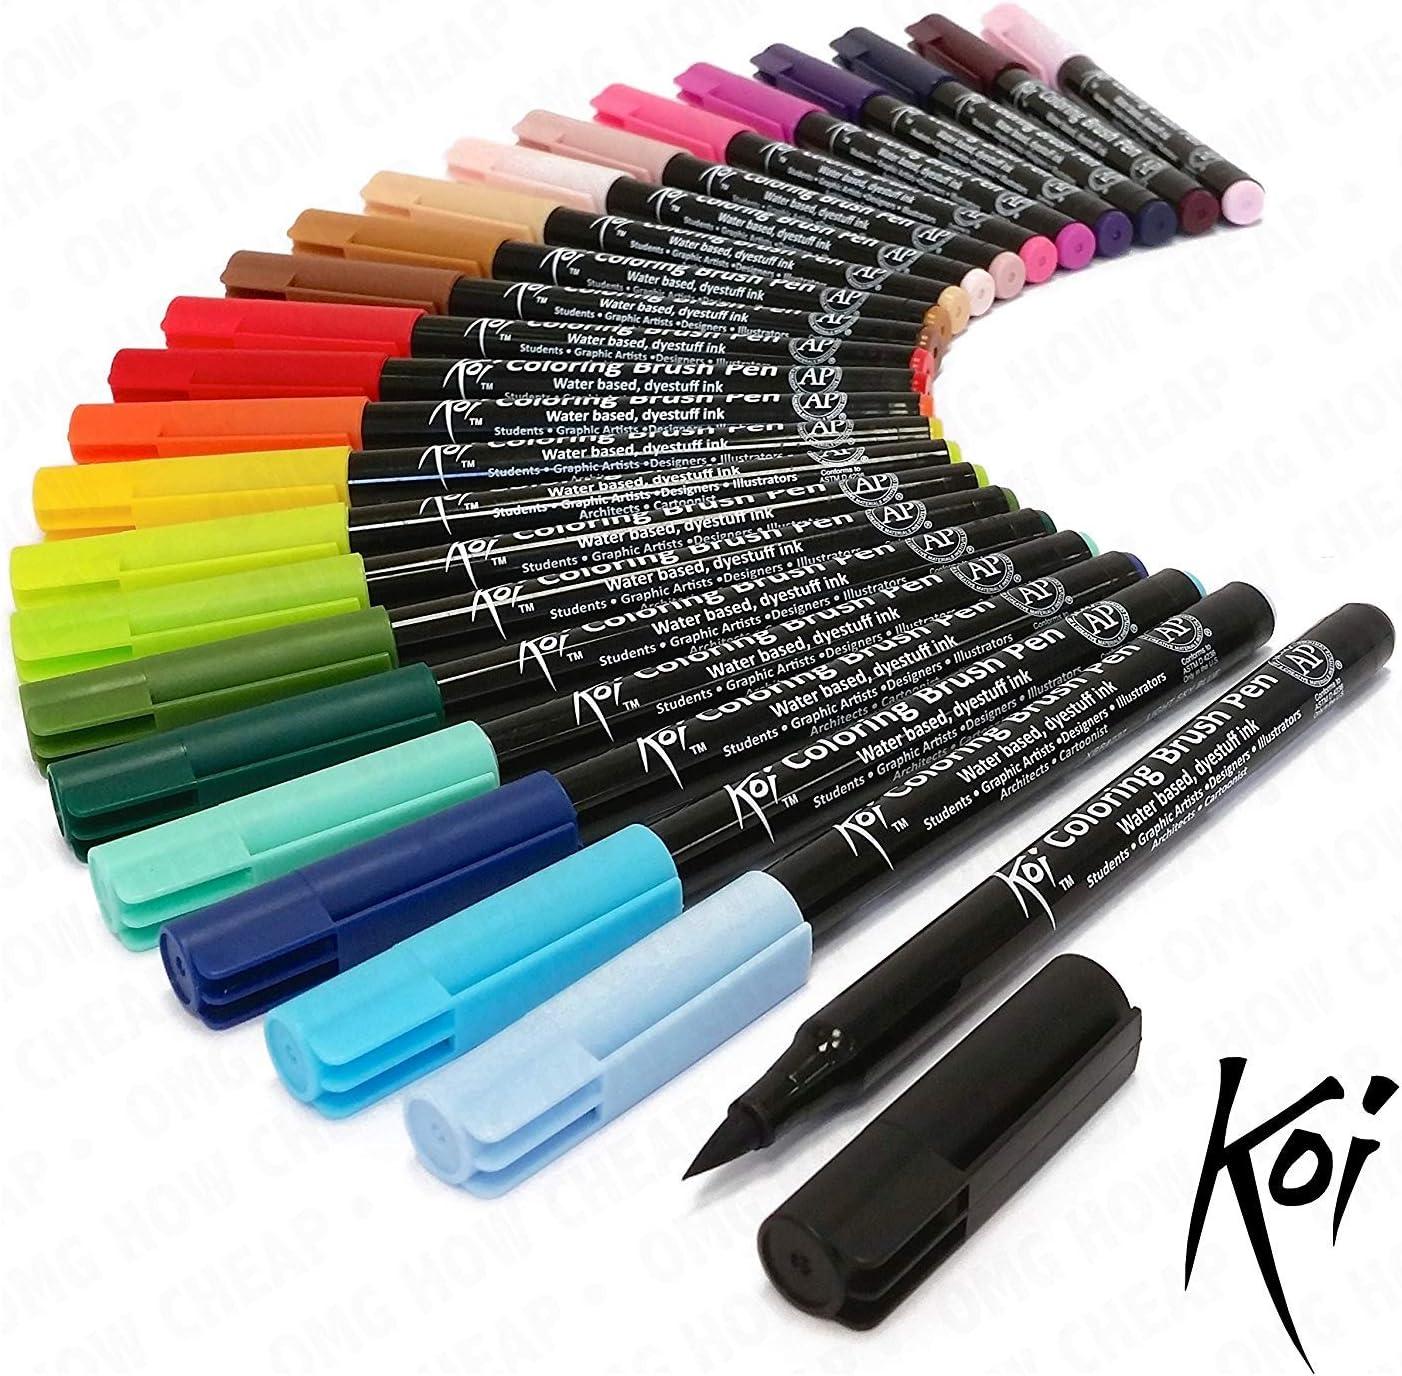 Karin Mega Box Brush Marker Pro brushpens su base d acqua ideale per colorare disegnare e lettering a mano multicolore